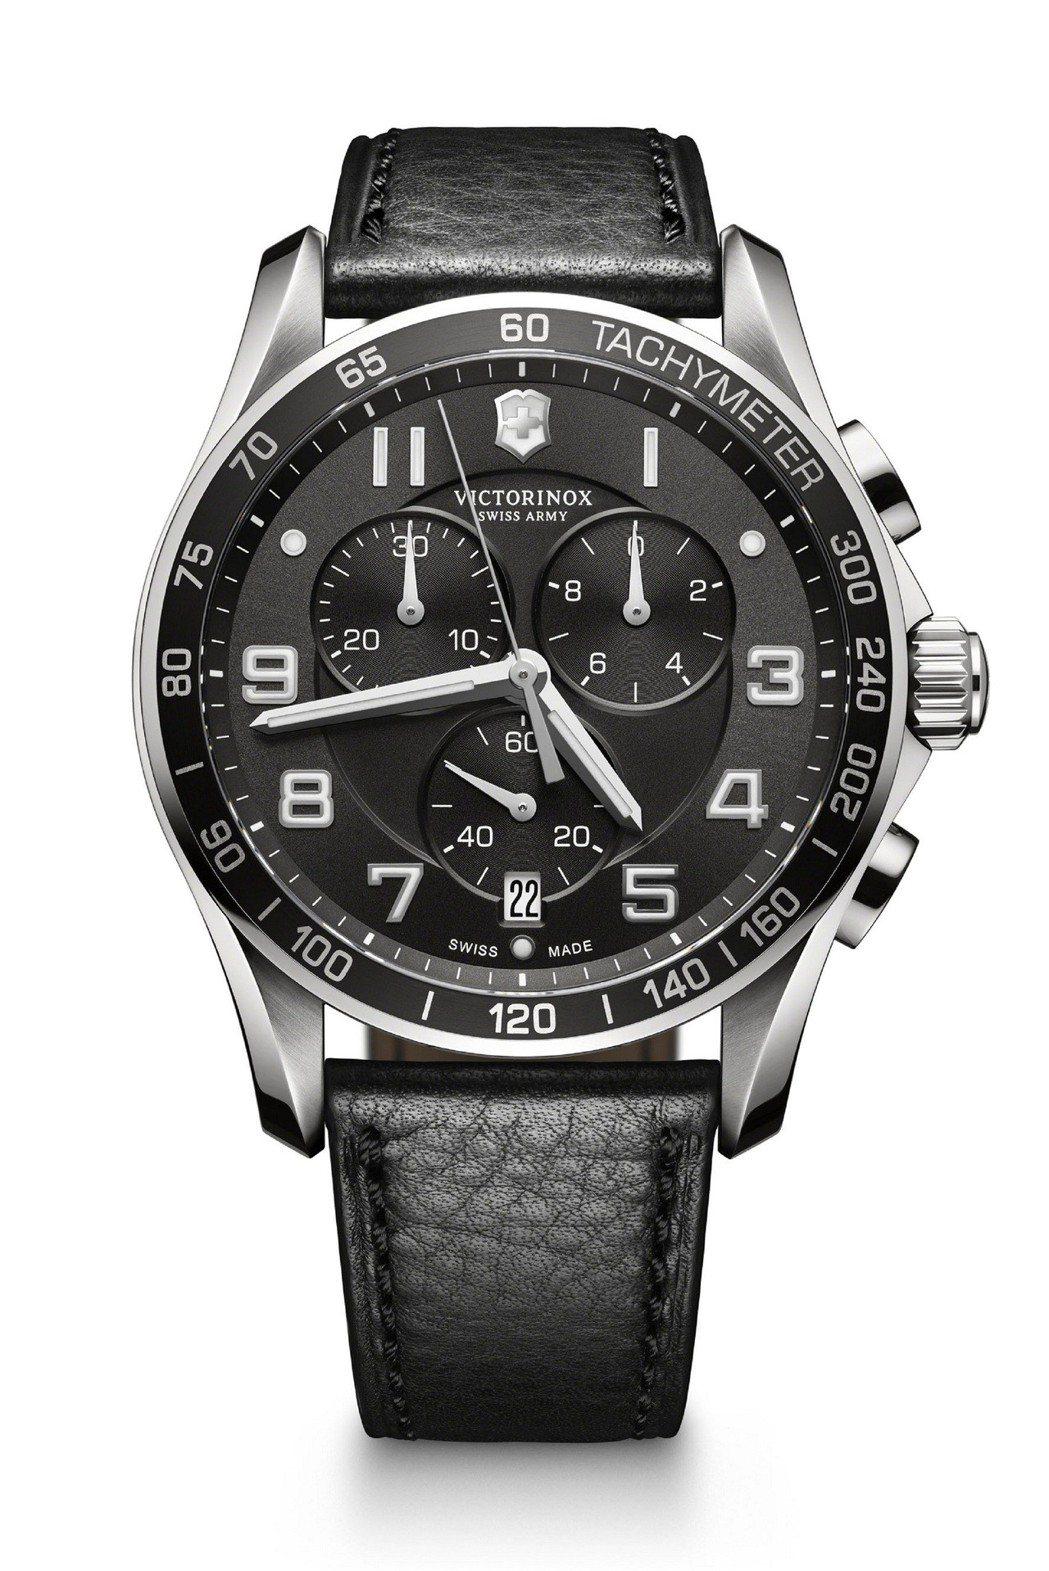 禮客OUTELT父親節,推出時尚老爹最愛的腕錶嚴選推薦VICTORINOX大三針...